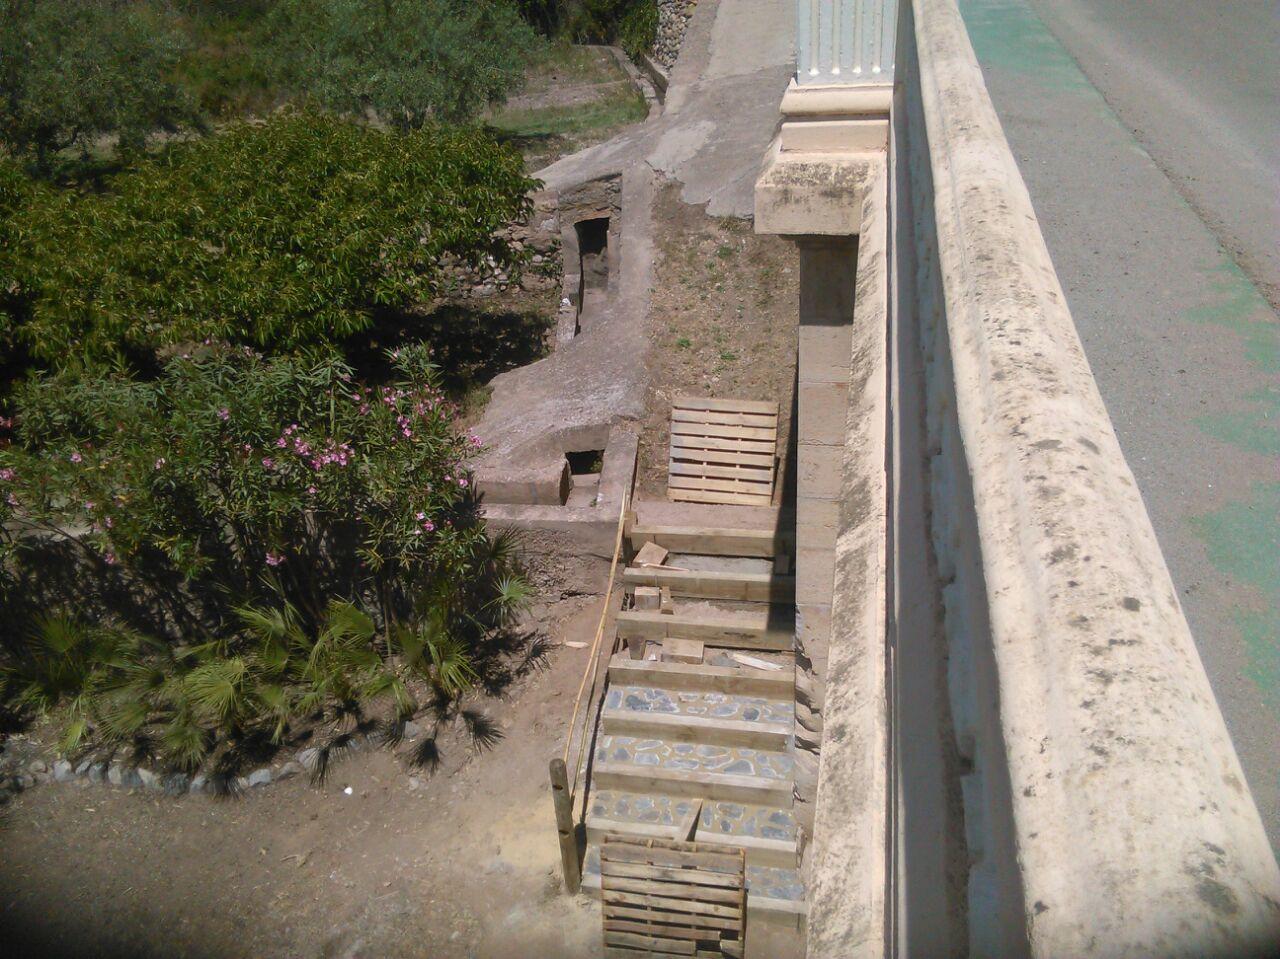 Taller de empleo seg briga vii escaleras y jardineras - Jardineras en escalera ...